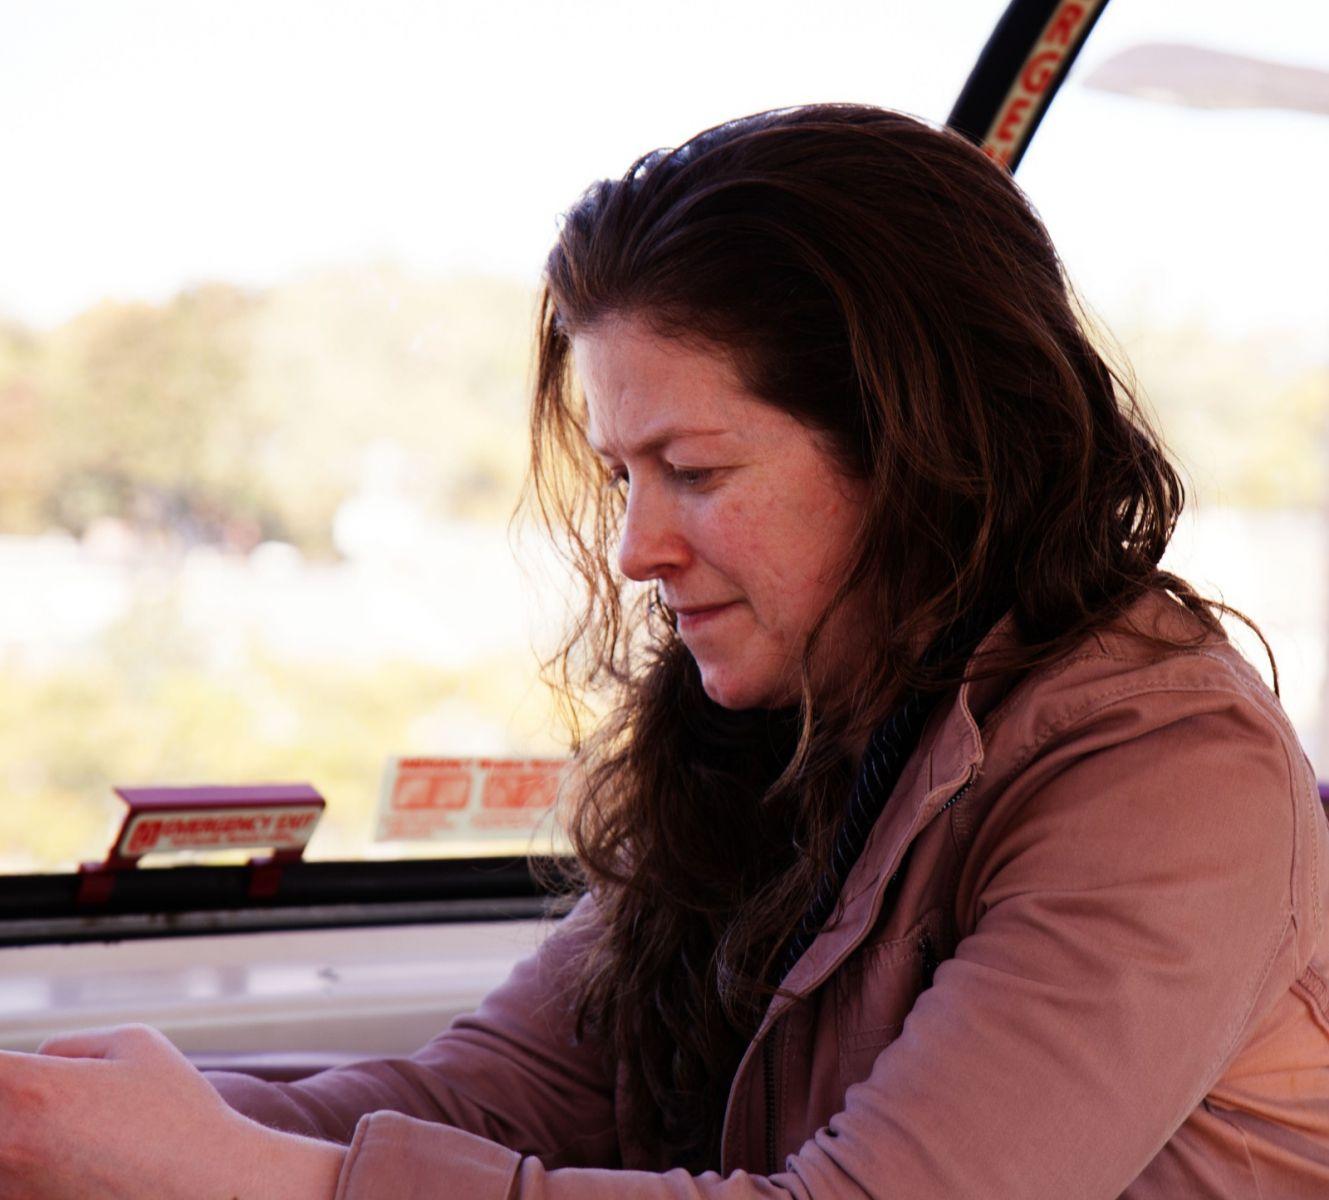 坐火车赴加拿大,沿途风景尽收眼底,赏心悦目!_图1-26